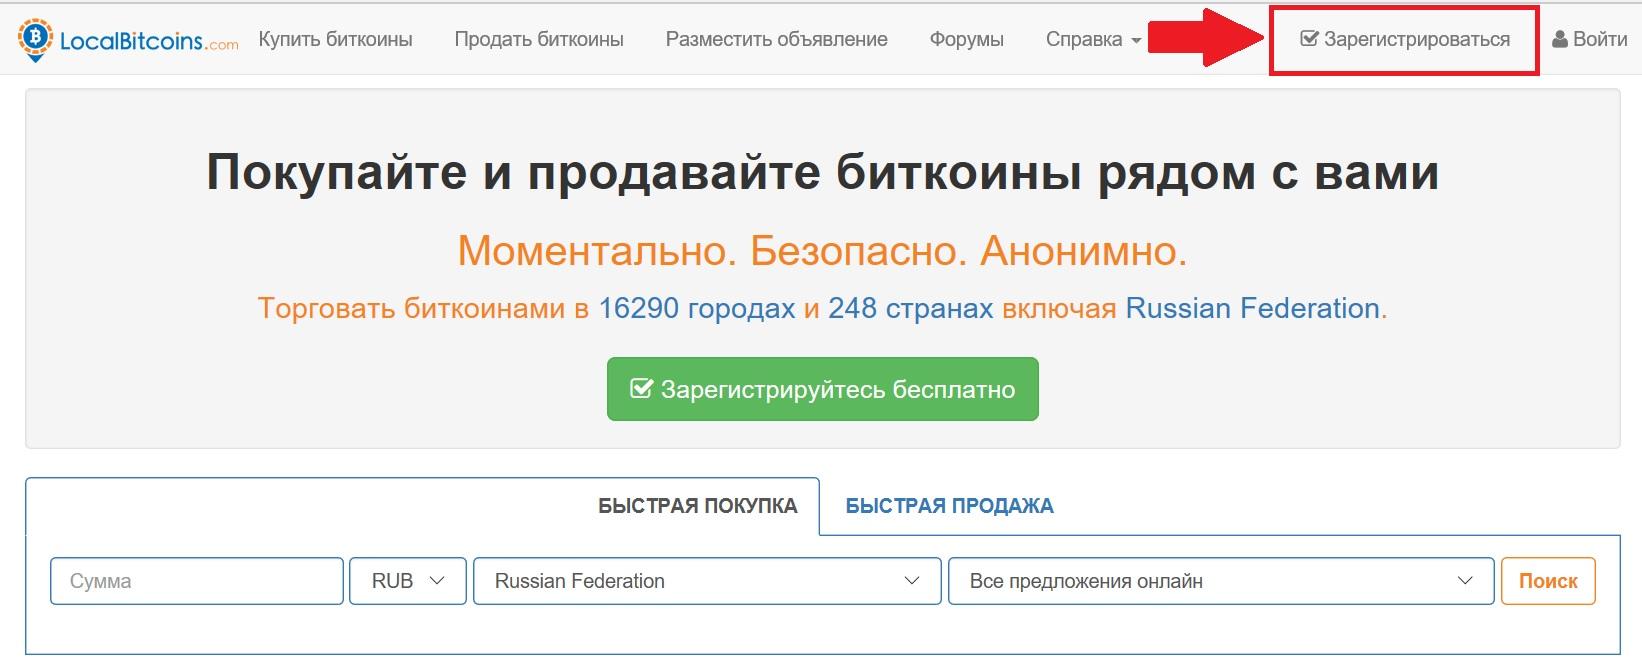 Алгоритм покупки биткоин можно ли заработать на танках онлайн реальные деньги